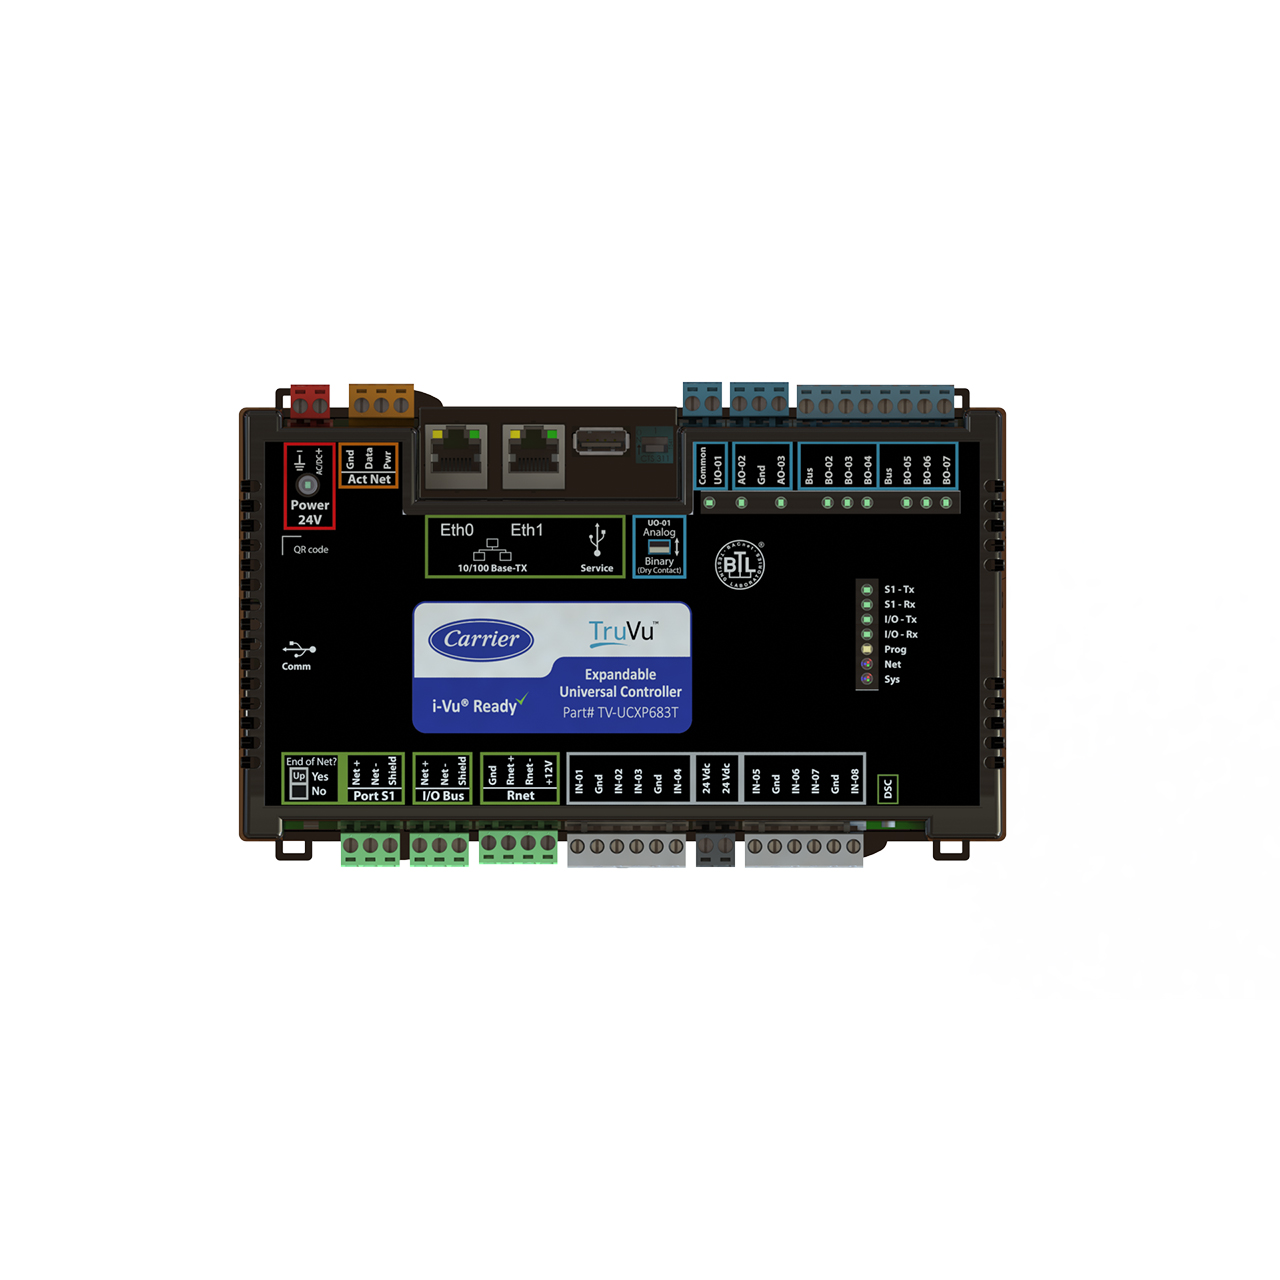 carrier-TV-UCXP683T-TOP-truvu-controller